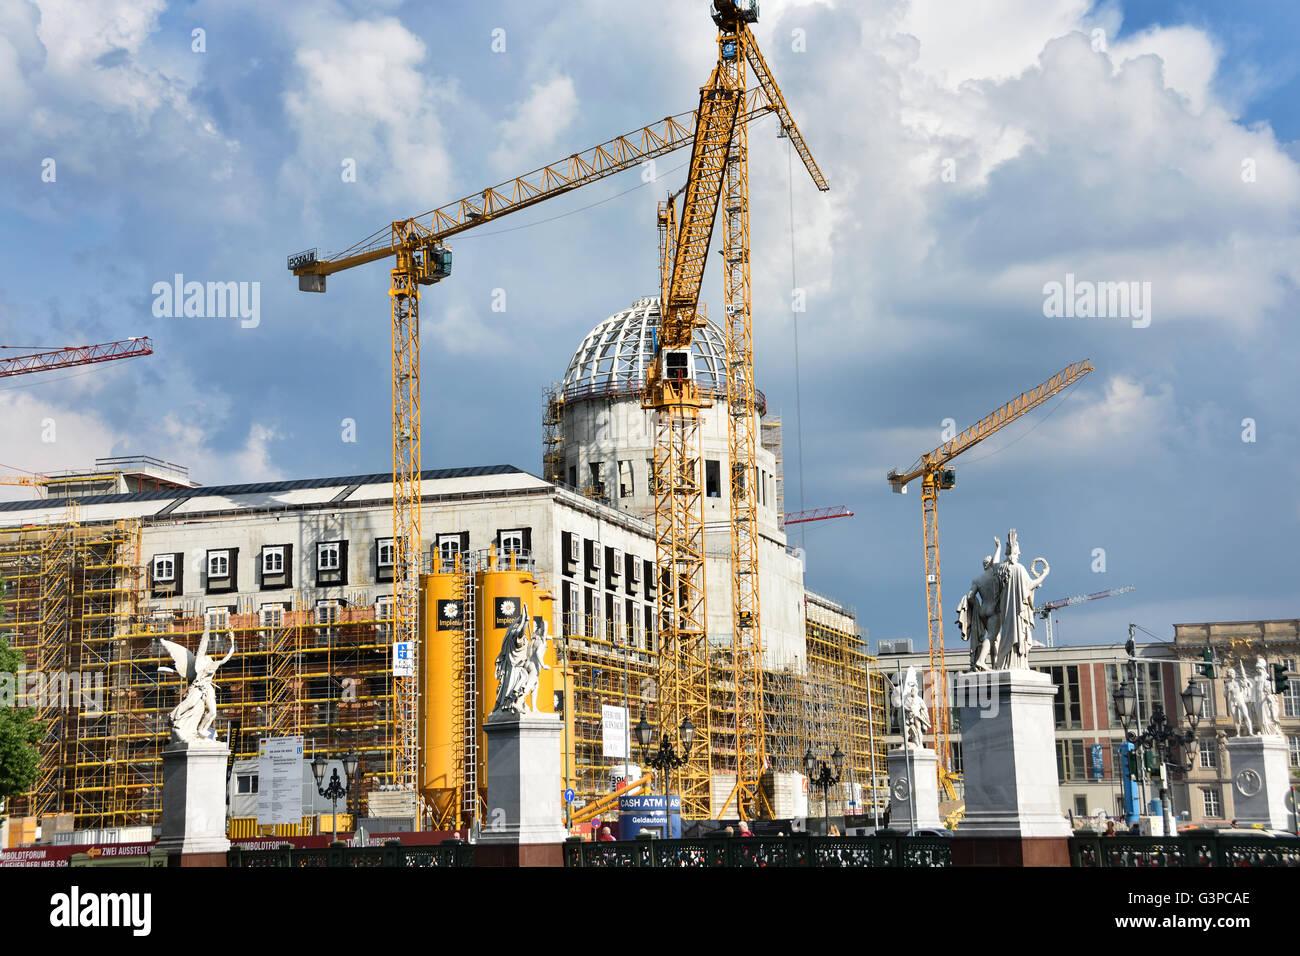 The Humboldt Forum - Humboldtforum palace or schloss at